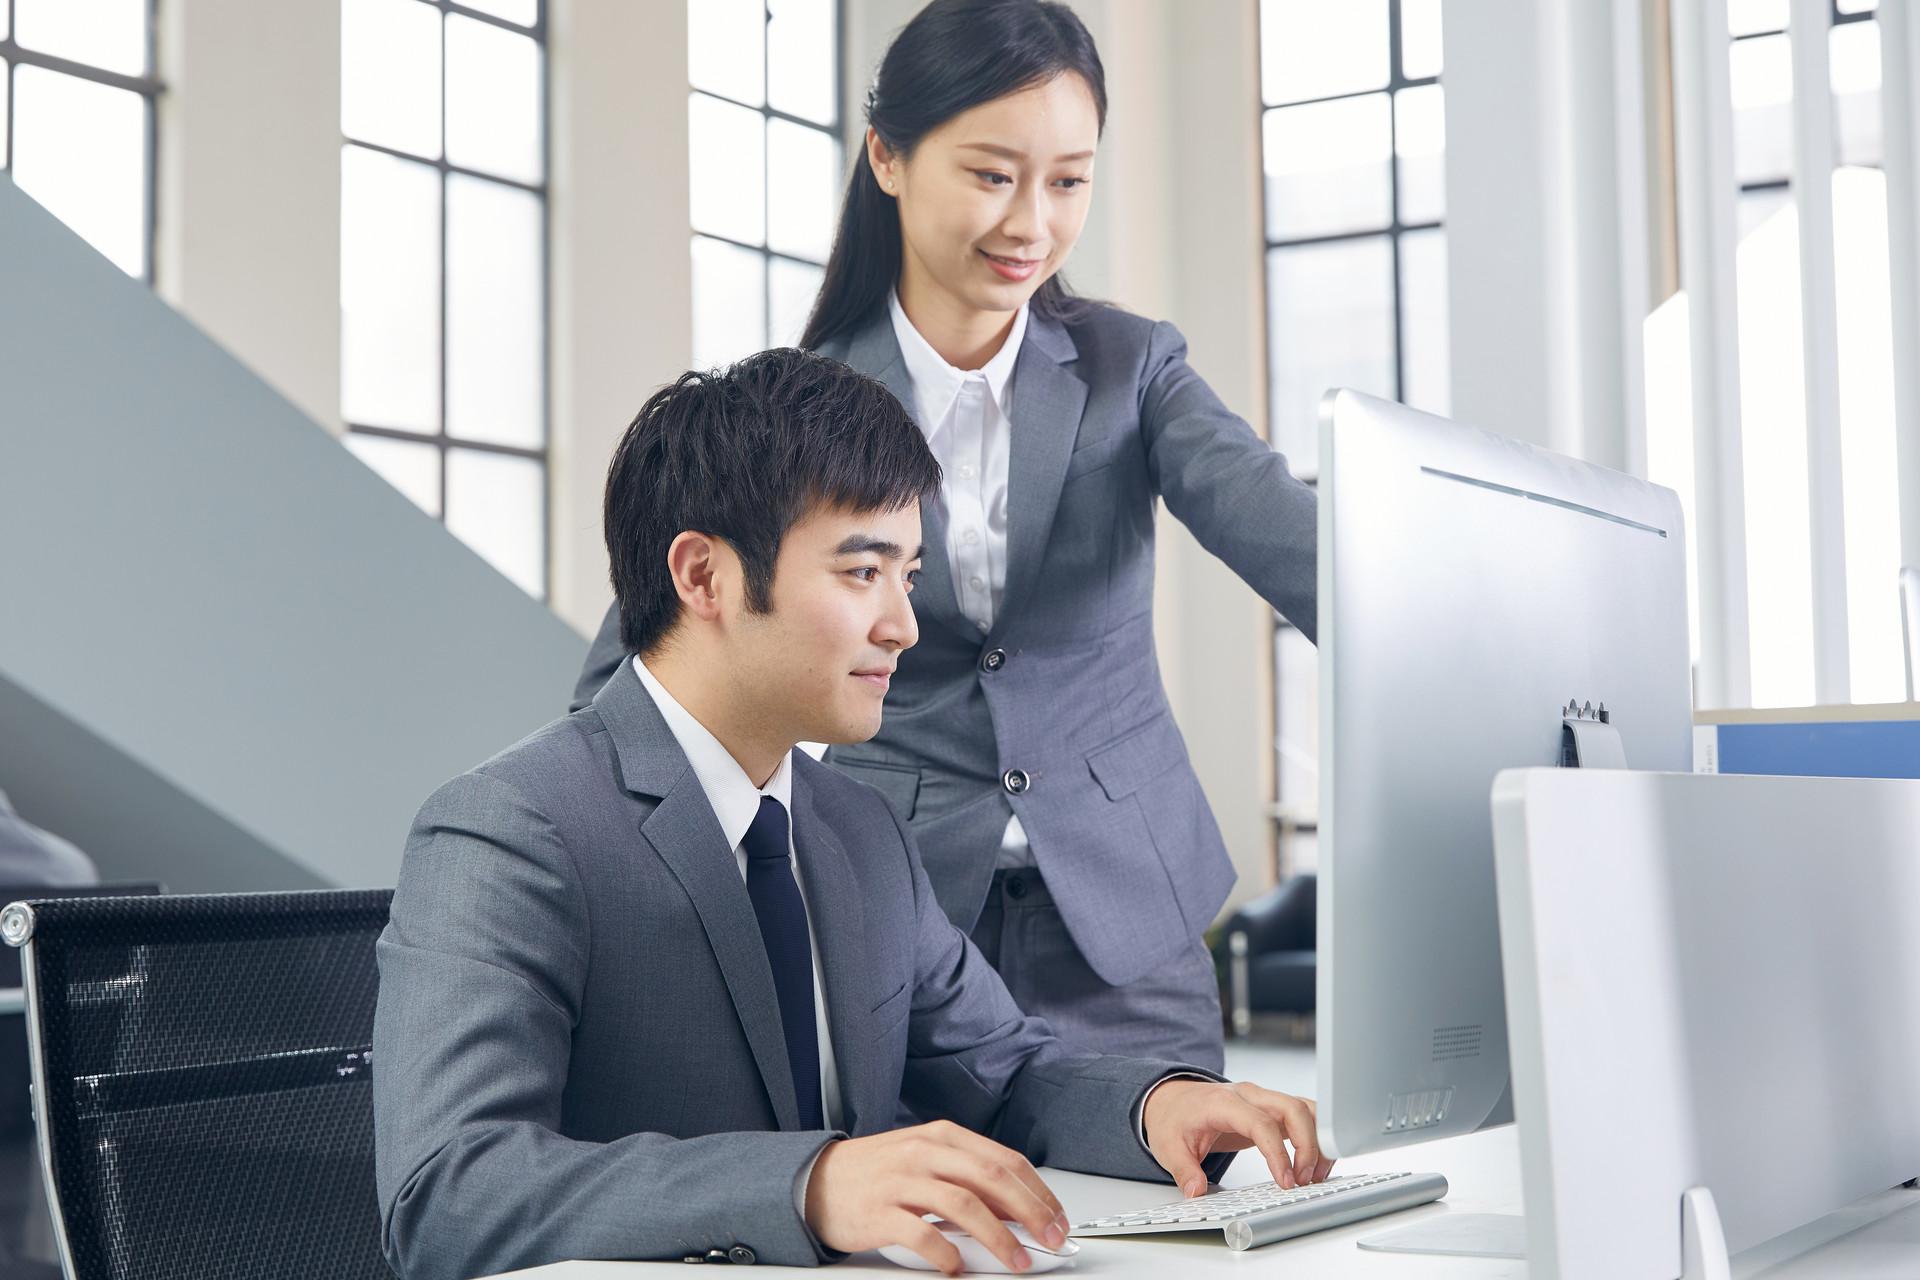 义乌廿三里电商运营培训多少钱